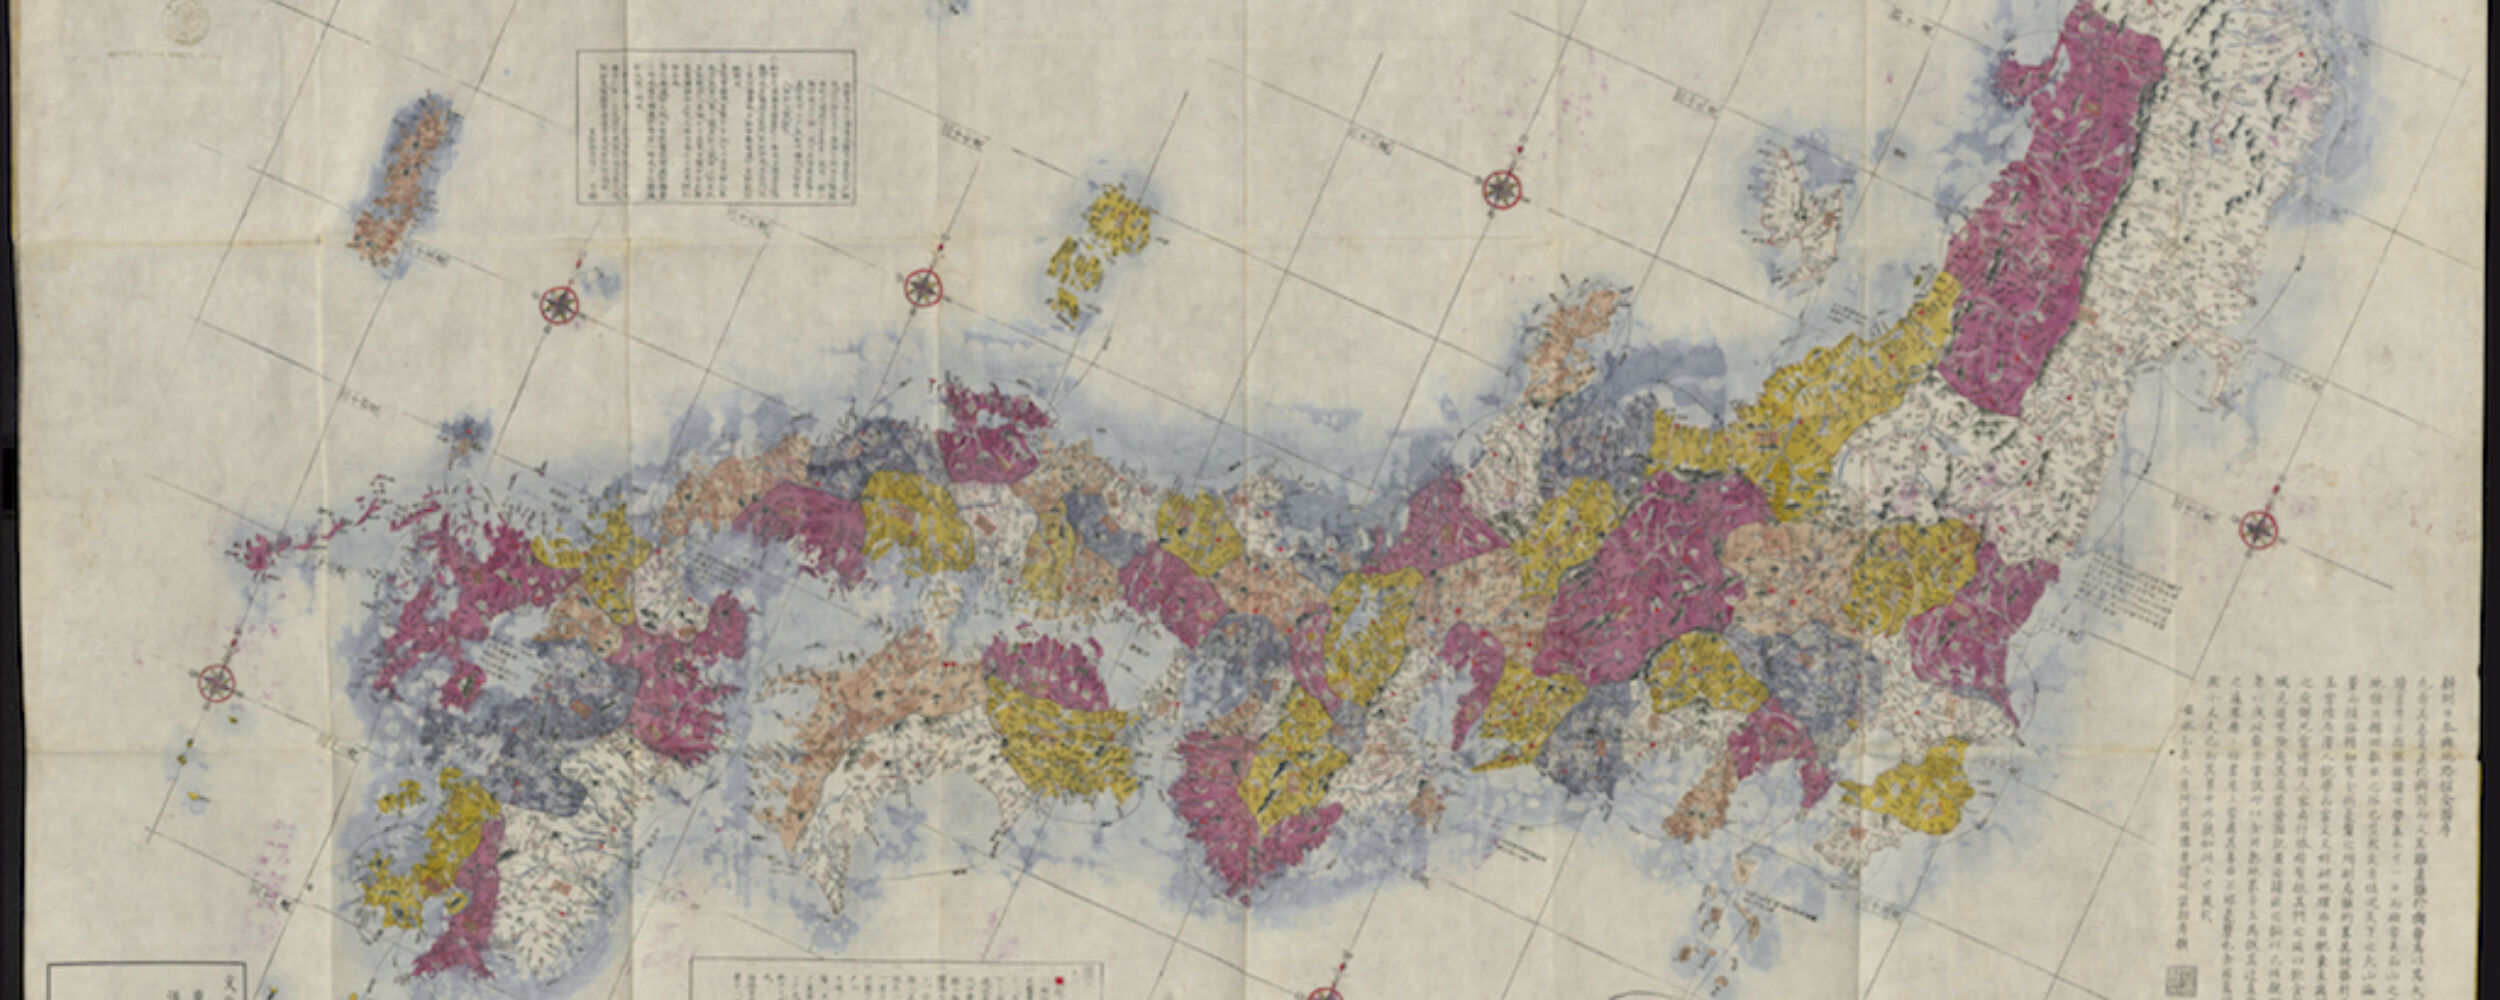 Japan Reizen Ublohs Ser 220A Kopie